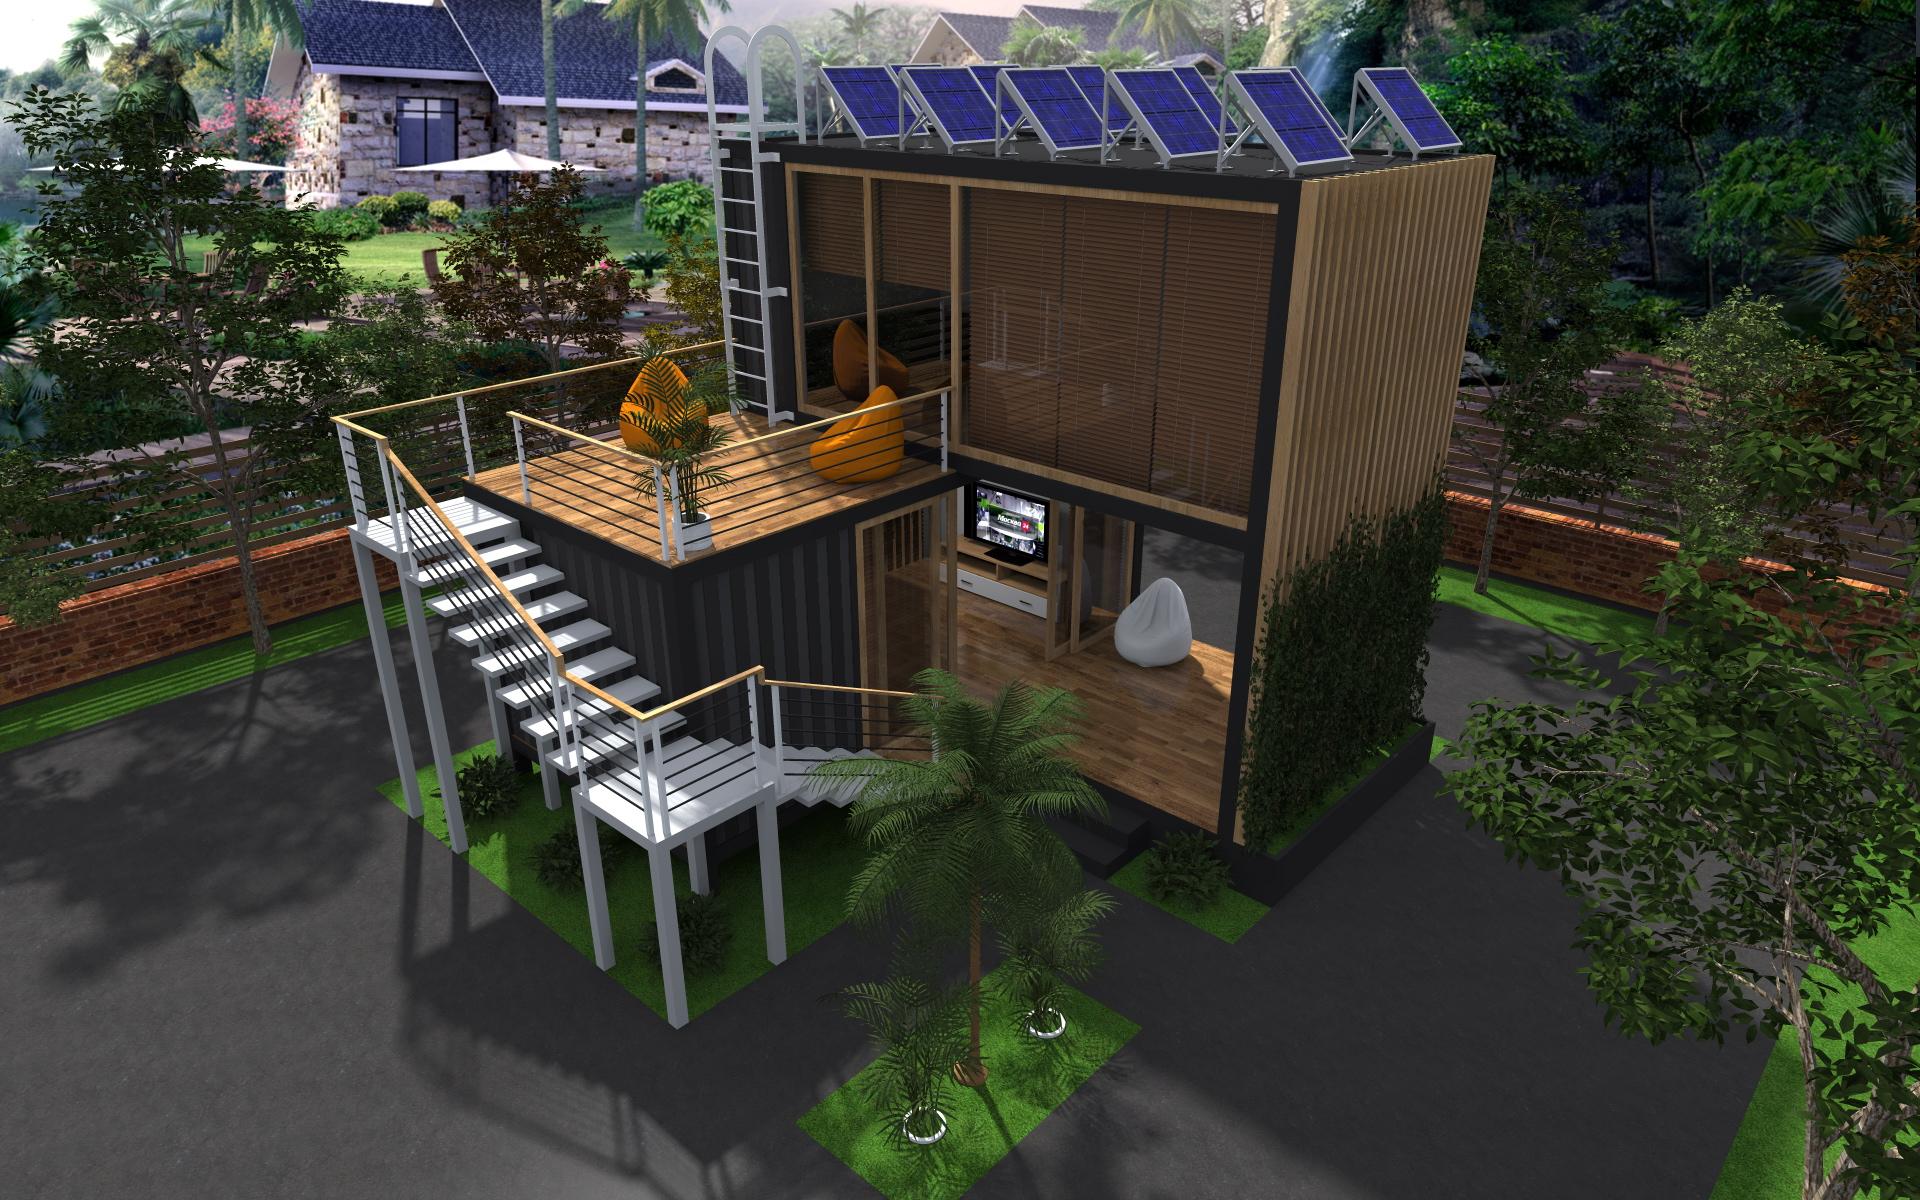 Тимур Нигматов: Частные дома из контейнеров